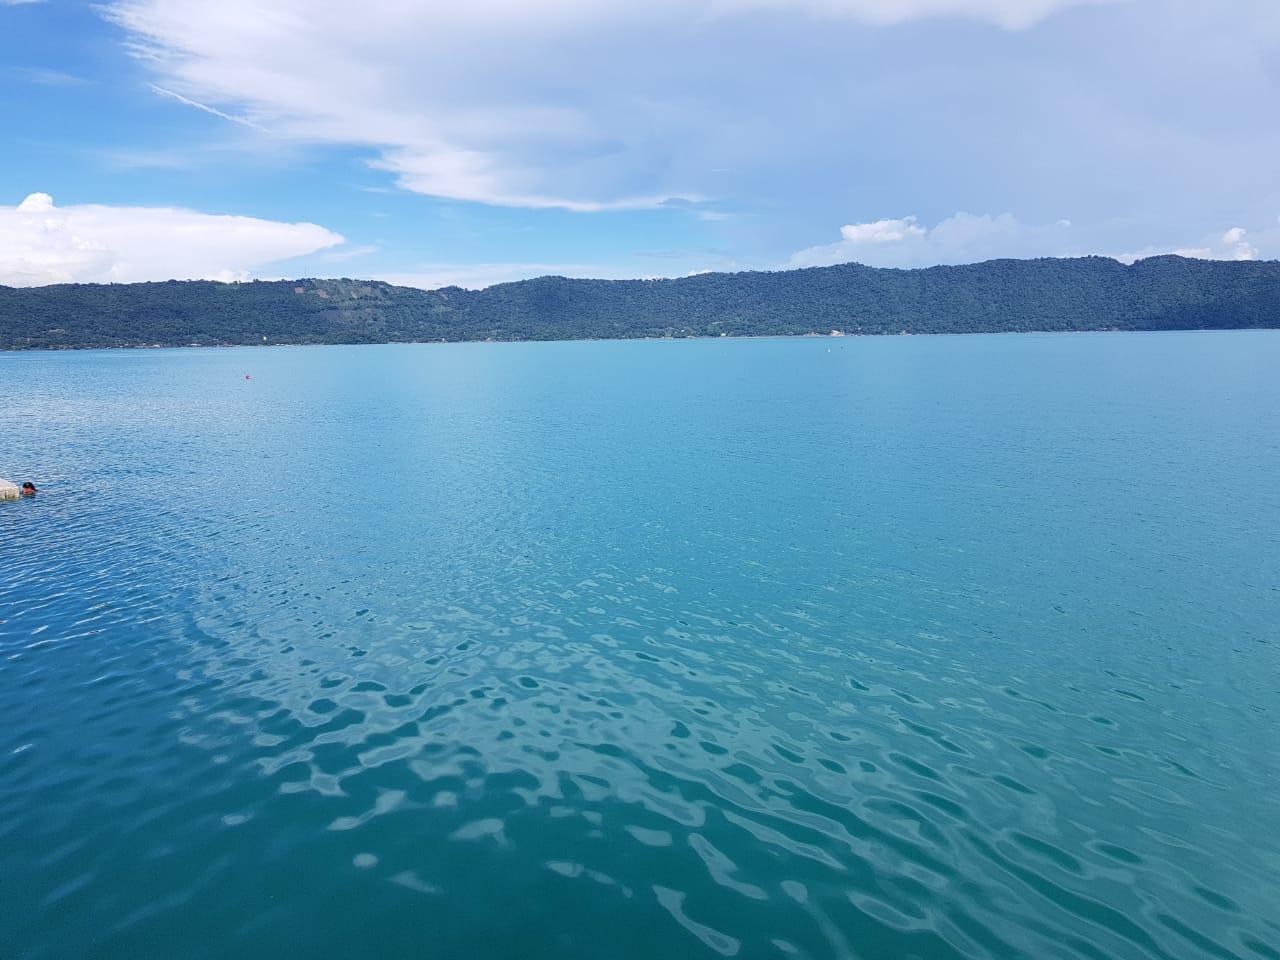 Fotos Lago De Coatepeque Cambia De Nuevo A Color Turquesa Diario - Cual-es-el-color-turquesa